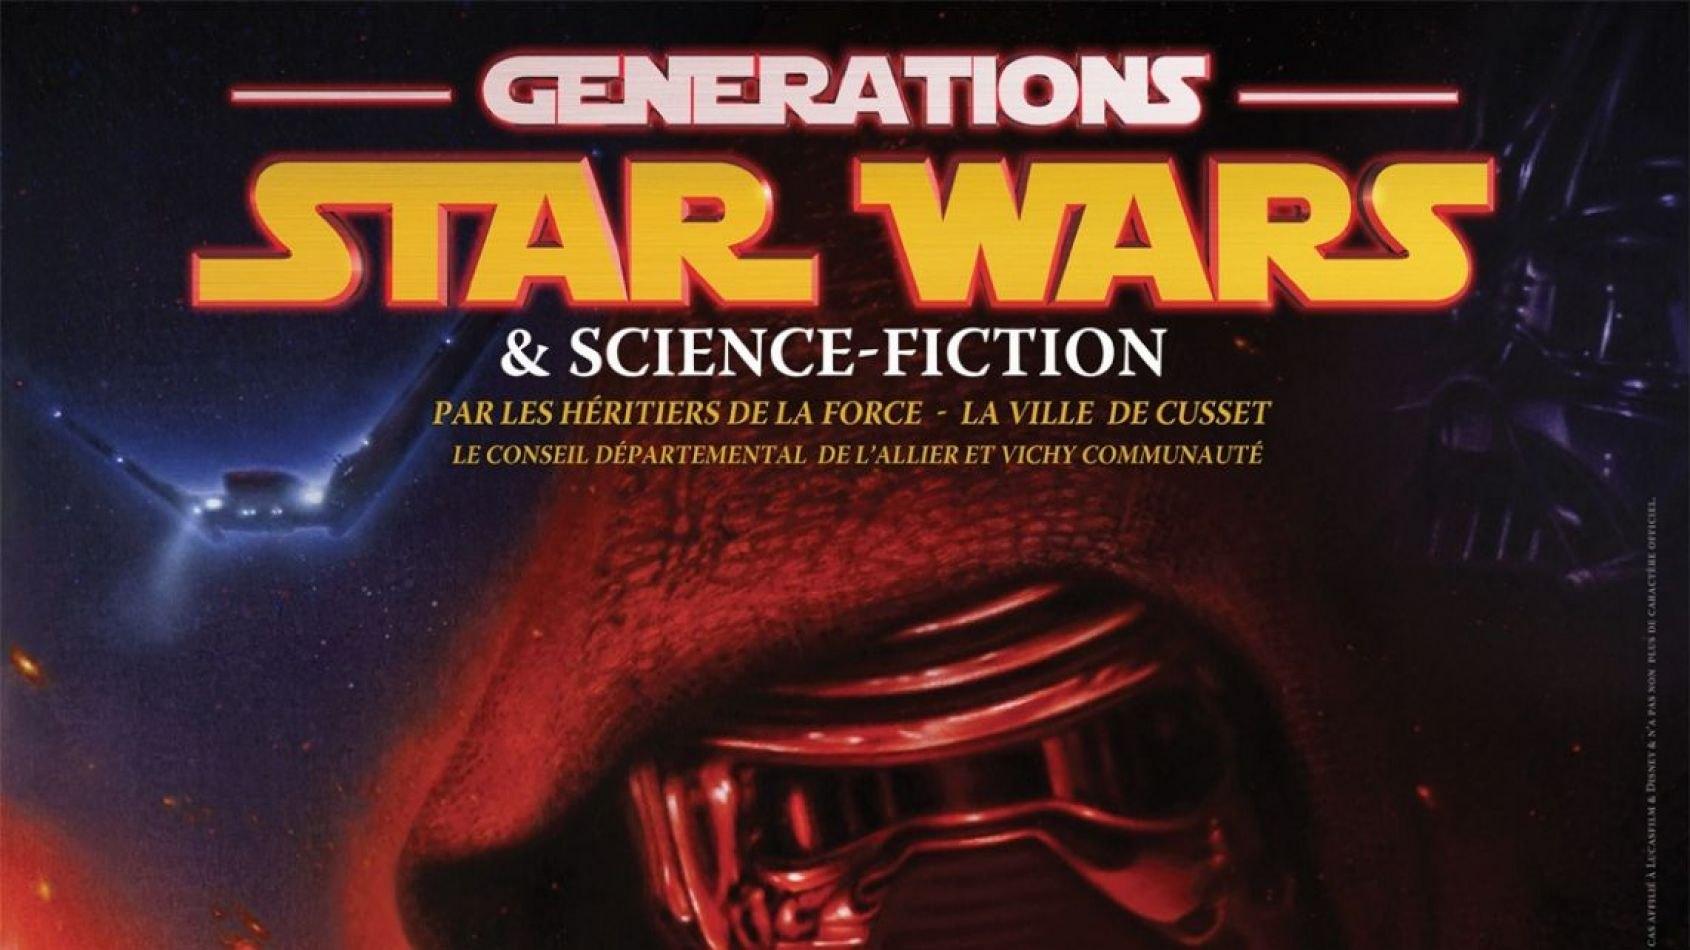 Découvrez l'affiche du salon Générations Star Wars 2017 !